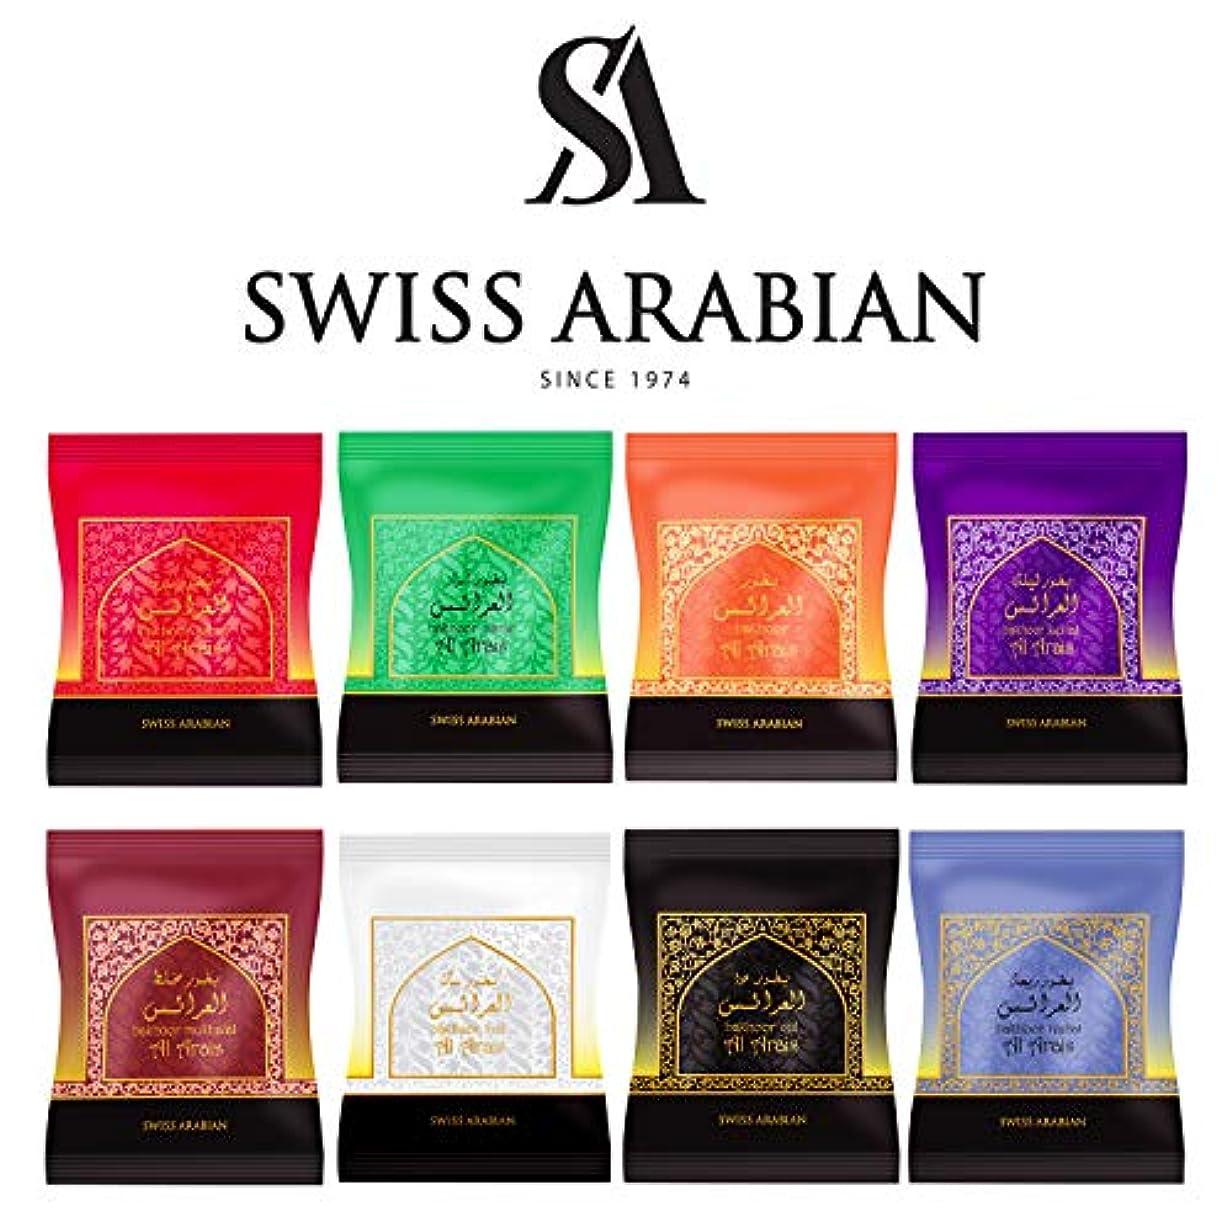 シード銅エスカレートSWISSARABIAN Bakhoor パックコレクション (8 x 40g パックバンドル)